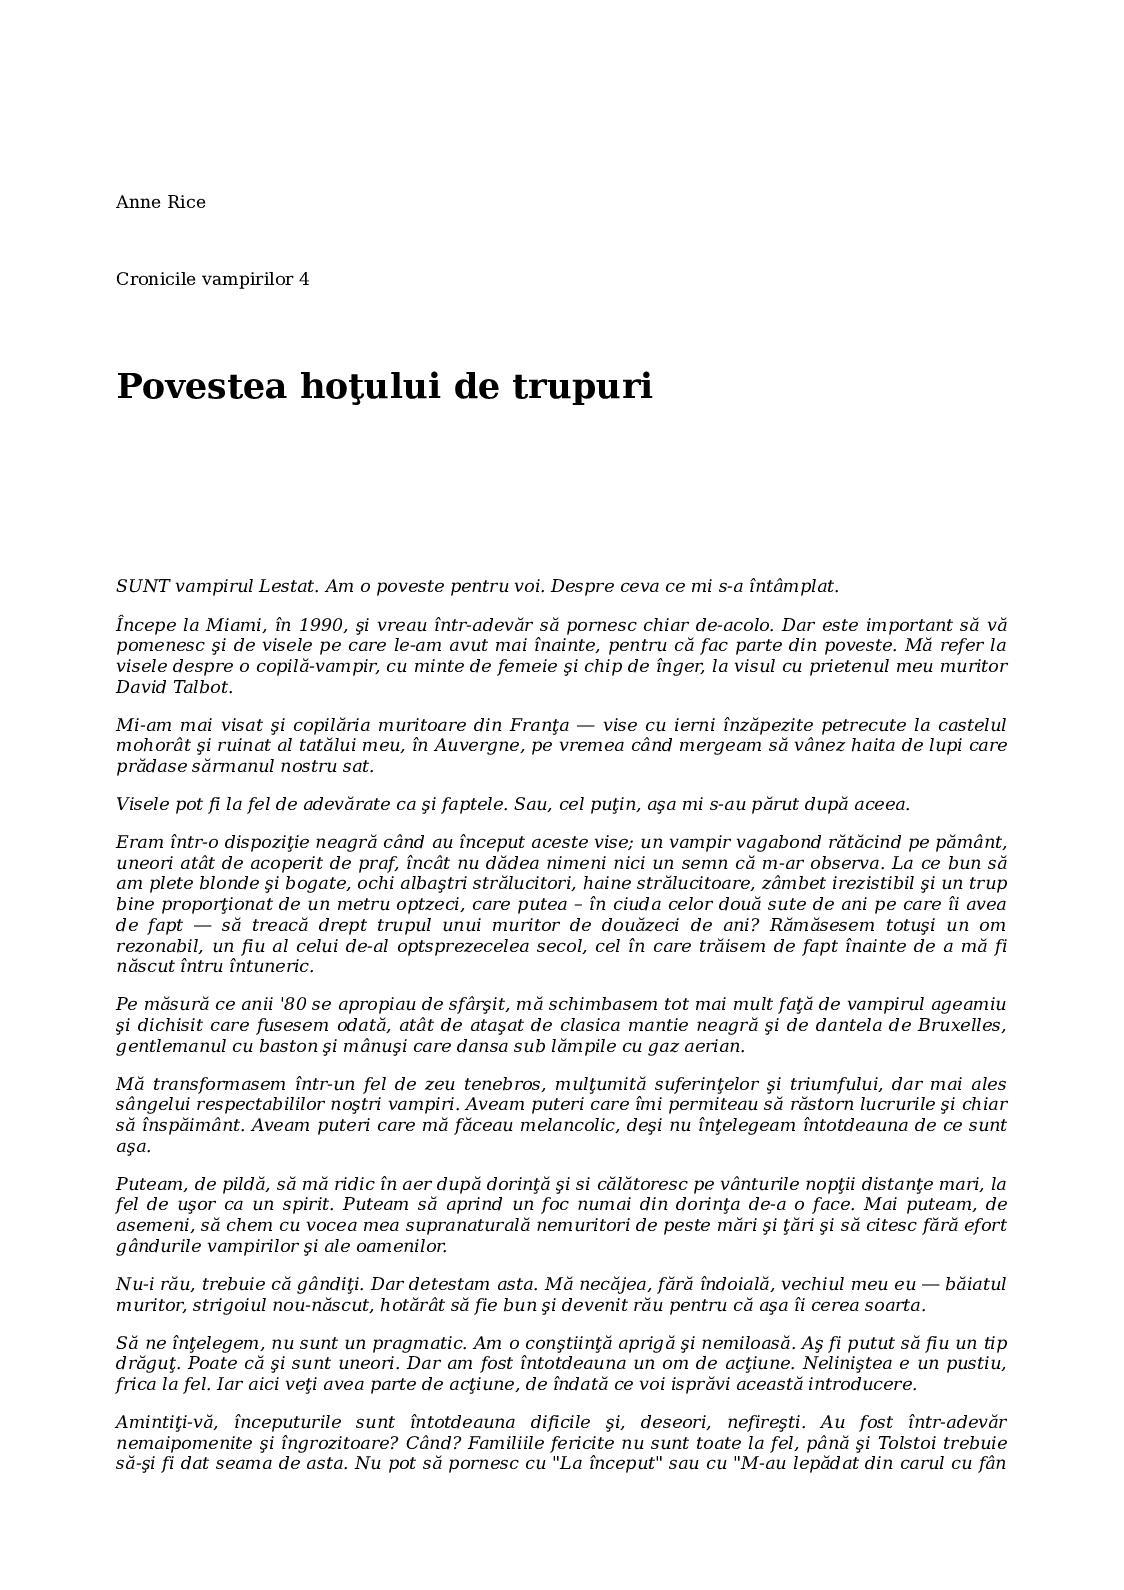 CARACTERISTICILE APETITULUI LA DIFERITE VÂRSTE - Dr Bodea